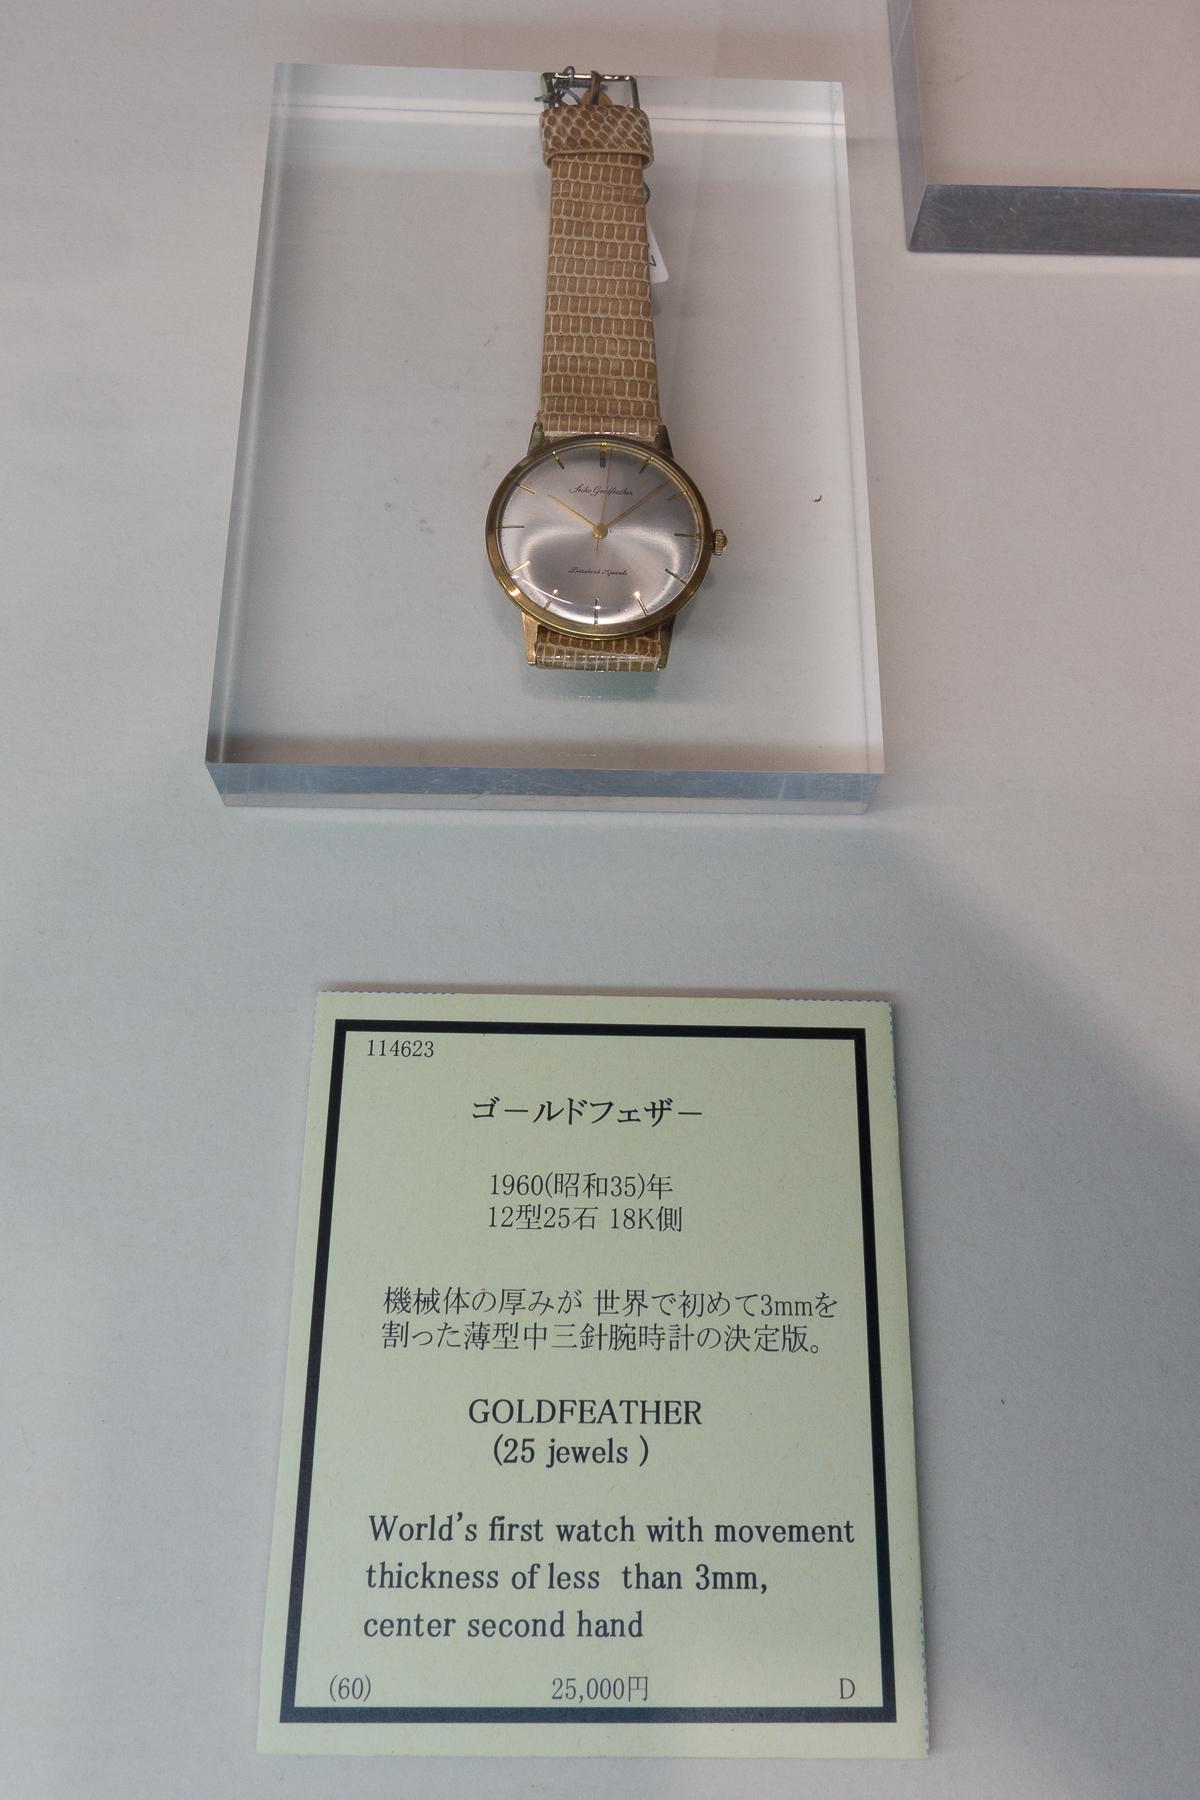 Seiko Goldfeather